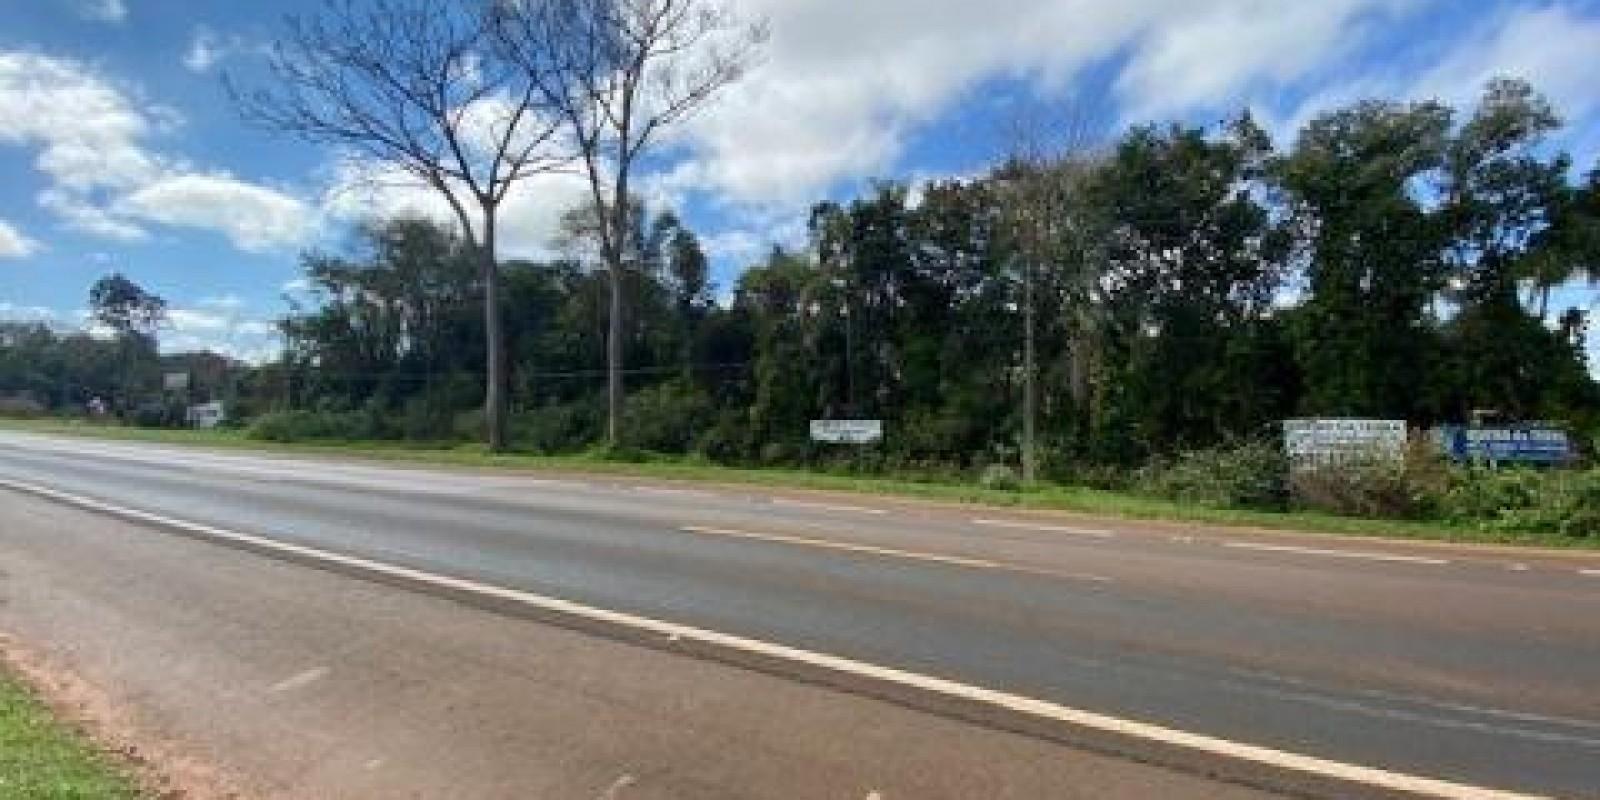 Chácara Comercial a Beira da Rodovia Sp 255 em Avaré SP - Foto 11 de 18